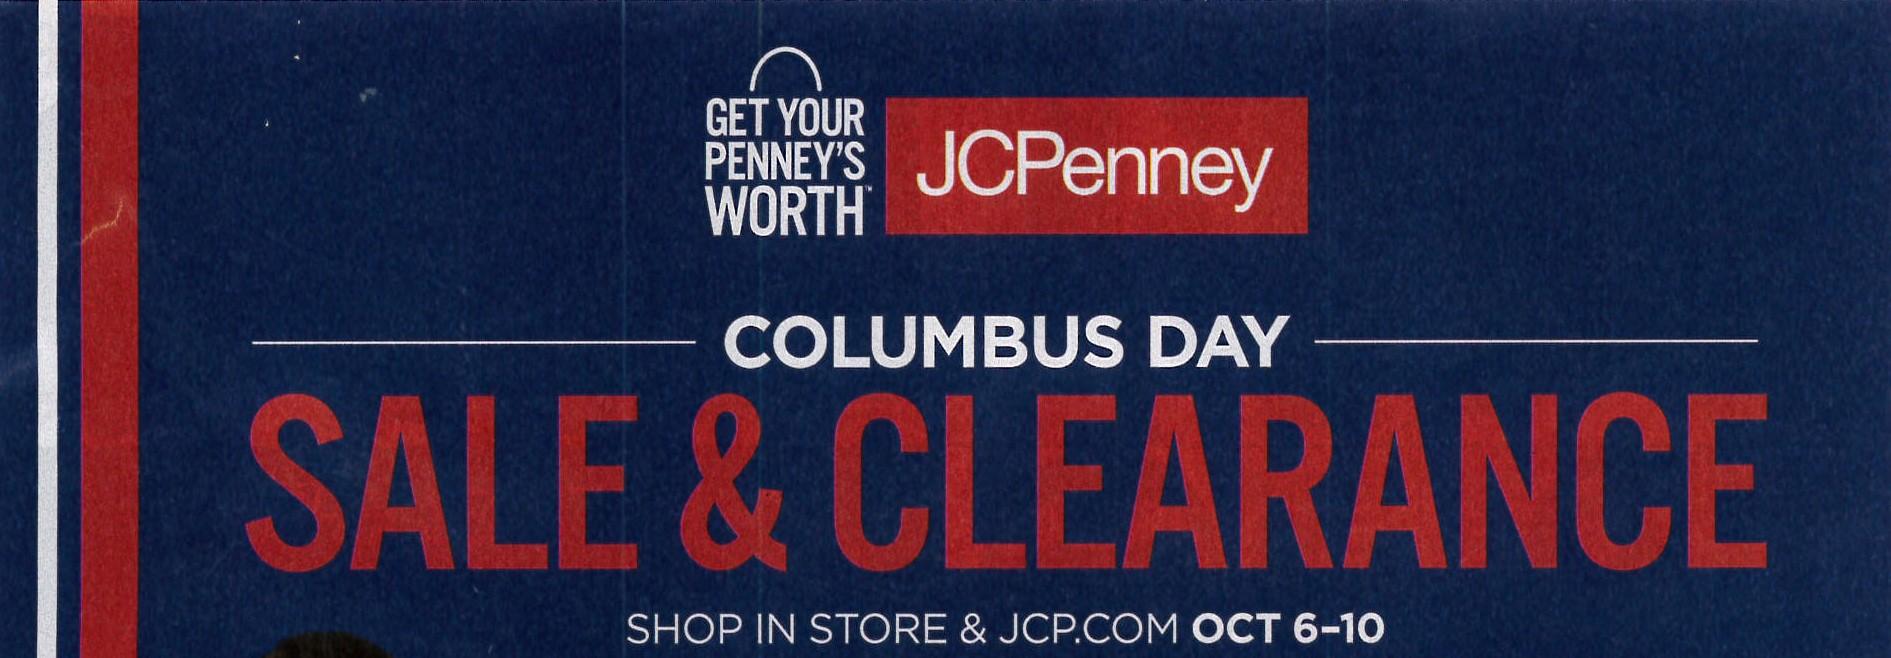 JCPenney Columbus Day.jpg